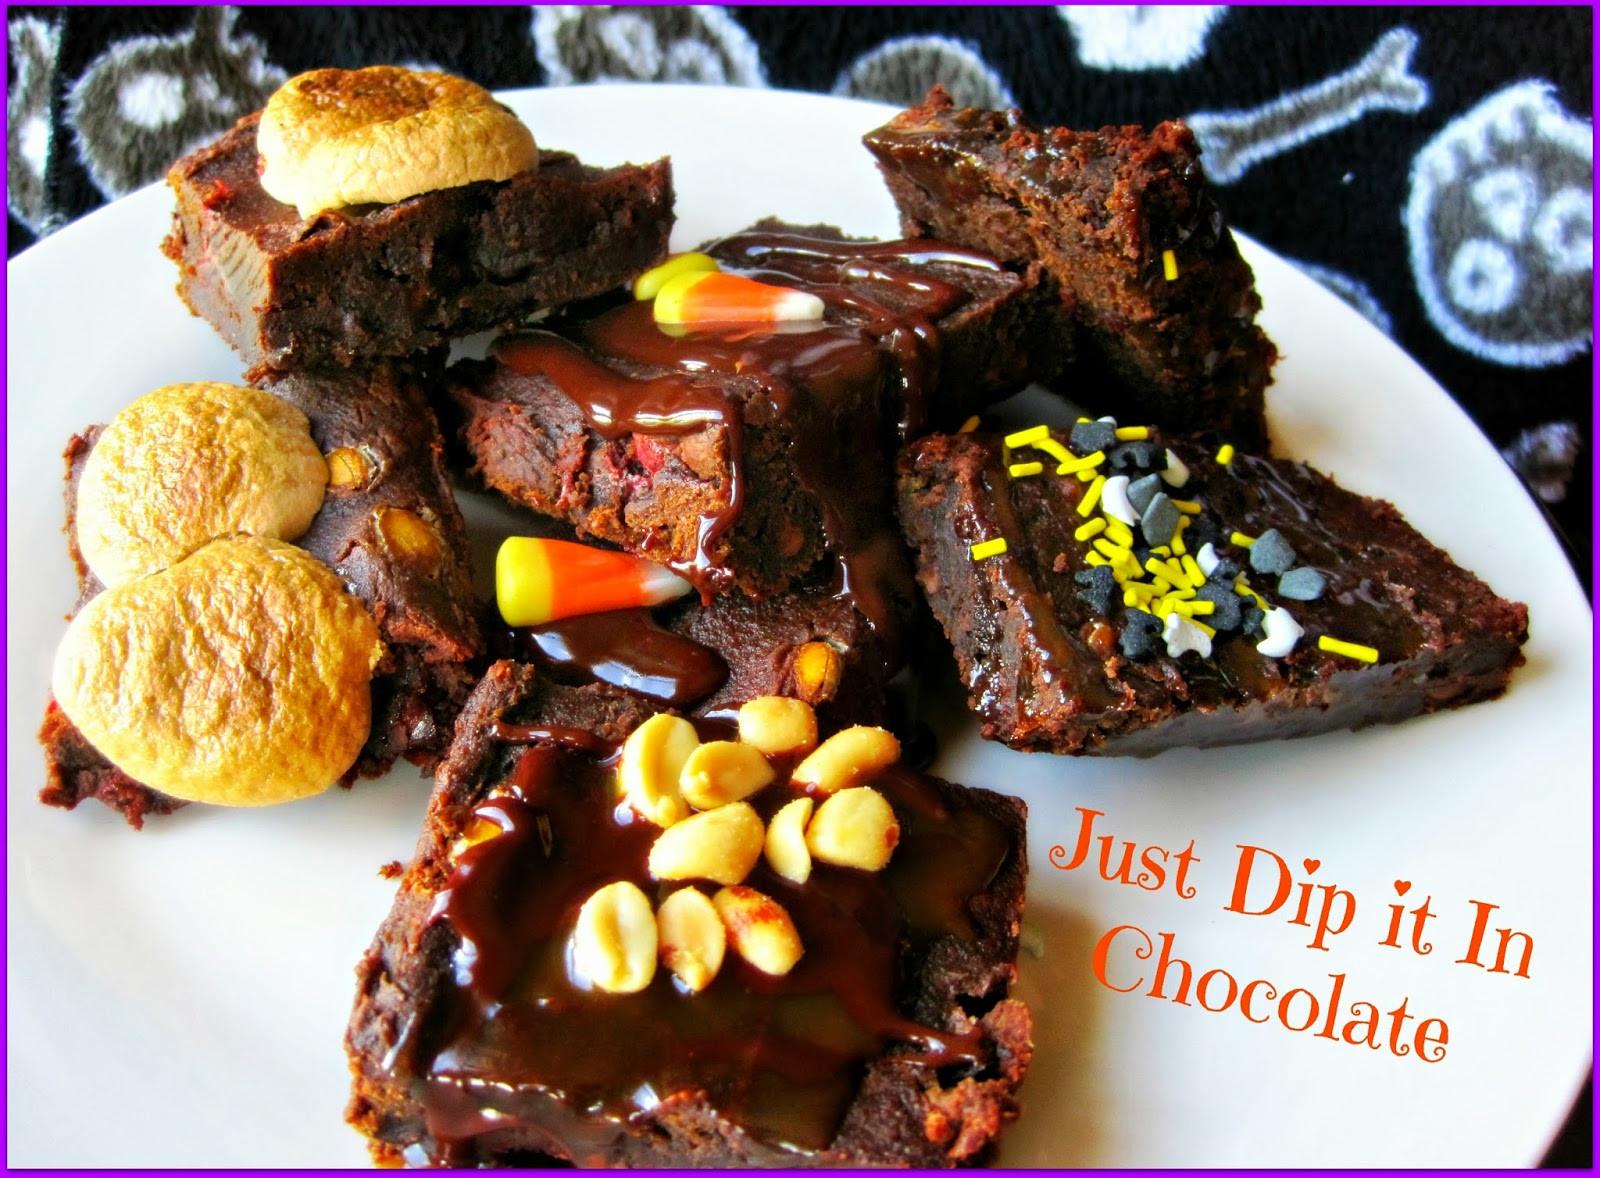 Halloween Brownies Recipes  Just Dip It In Chocolate Pumpkin Brownies Halloween Recipe